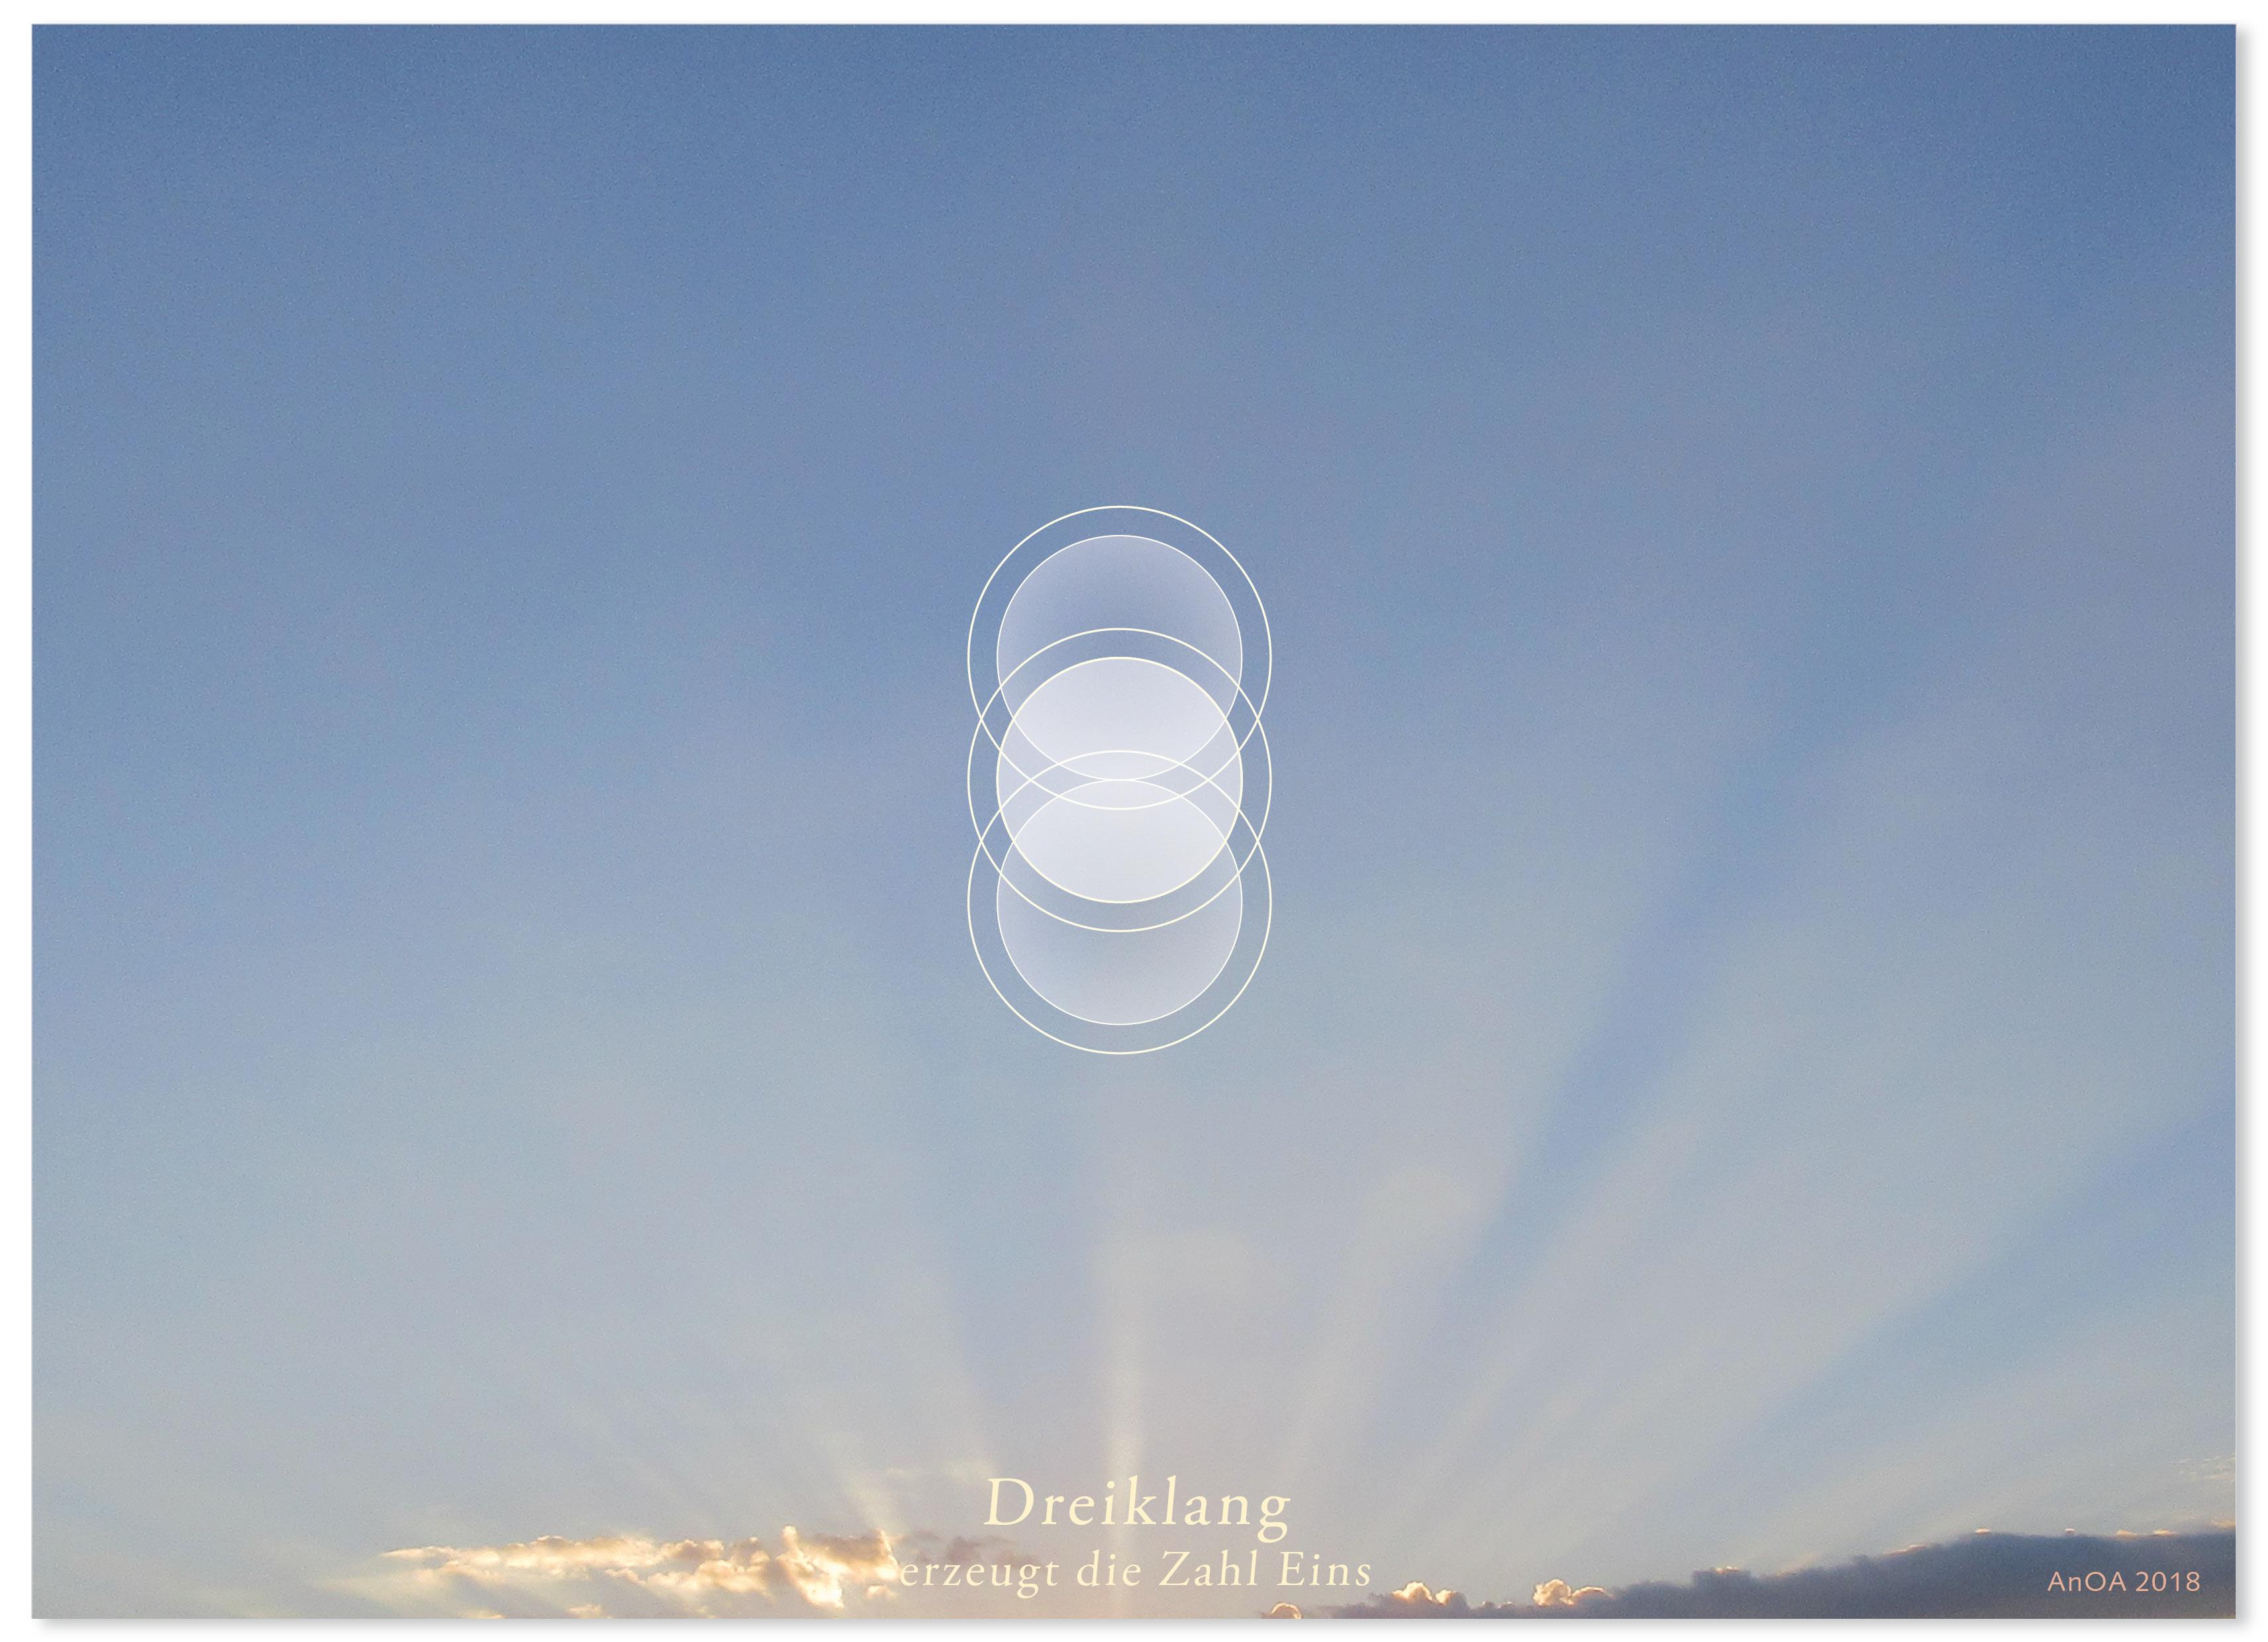 AnOAe-HerzdL-Dreiklang-201812-9